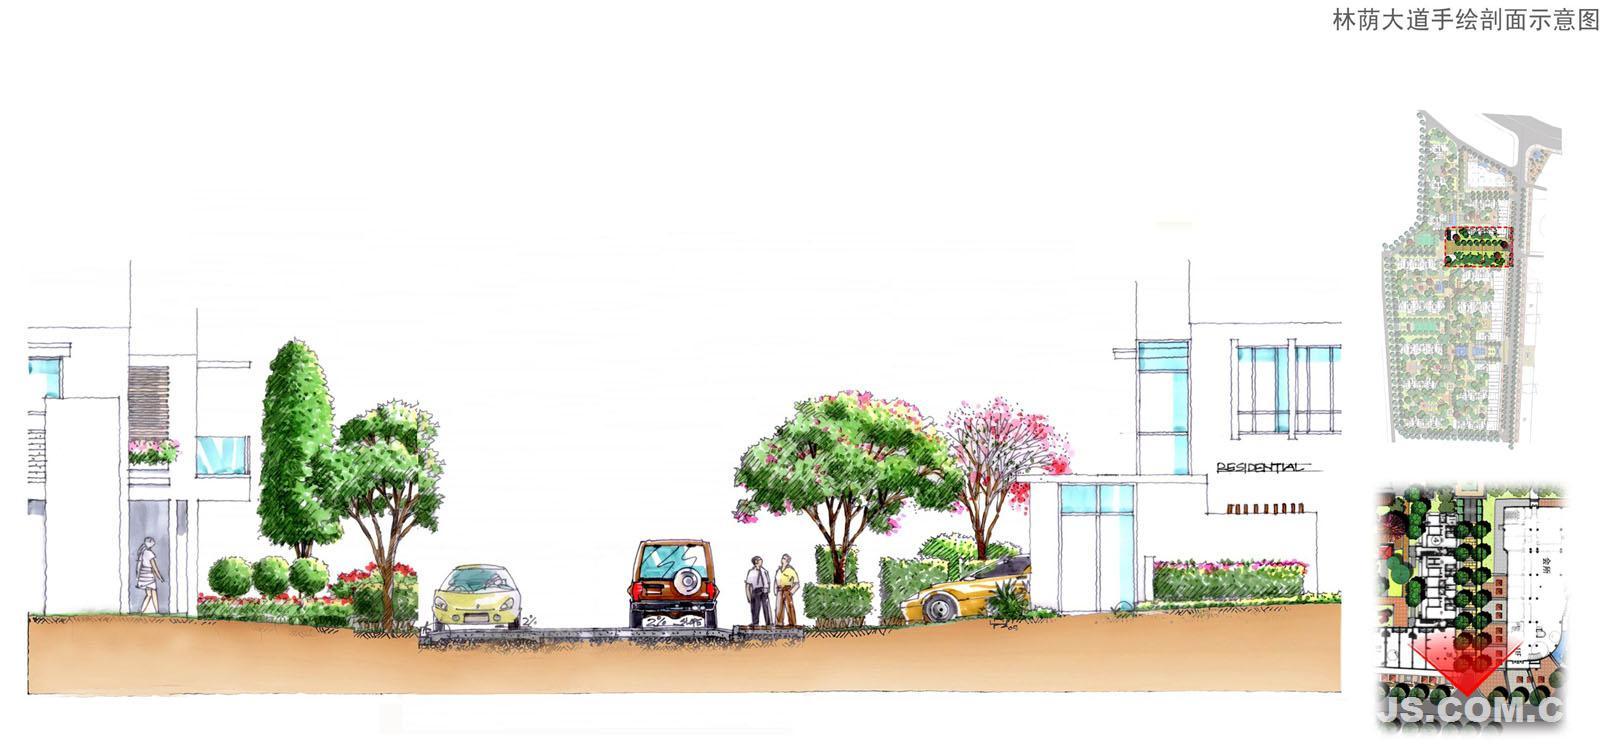 理田设计——汕尾京海凤凰城;; 会展室内设计效果图图片分享; 手绘